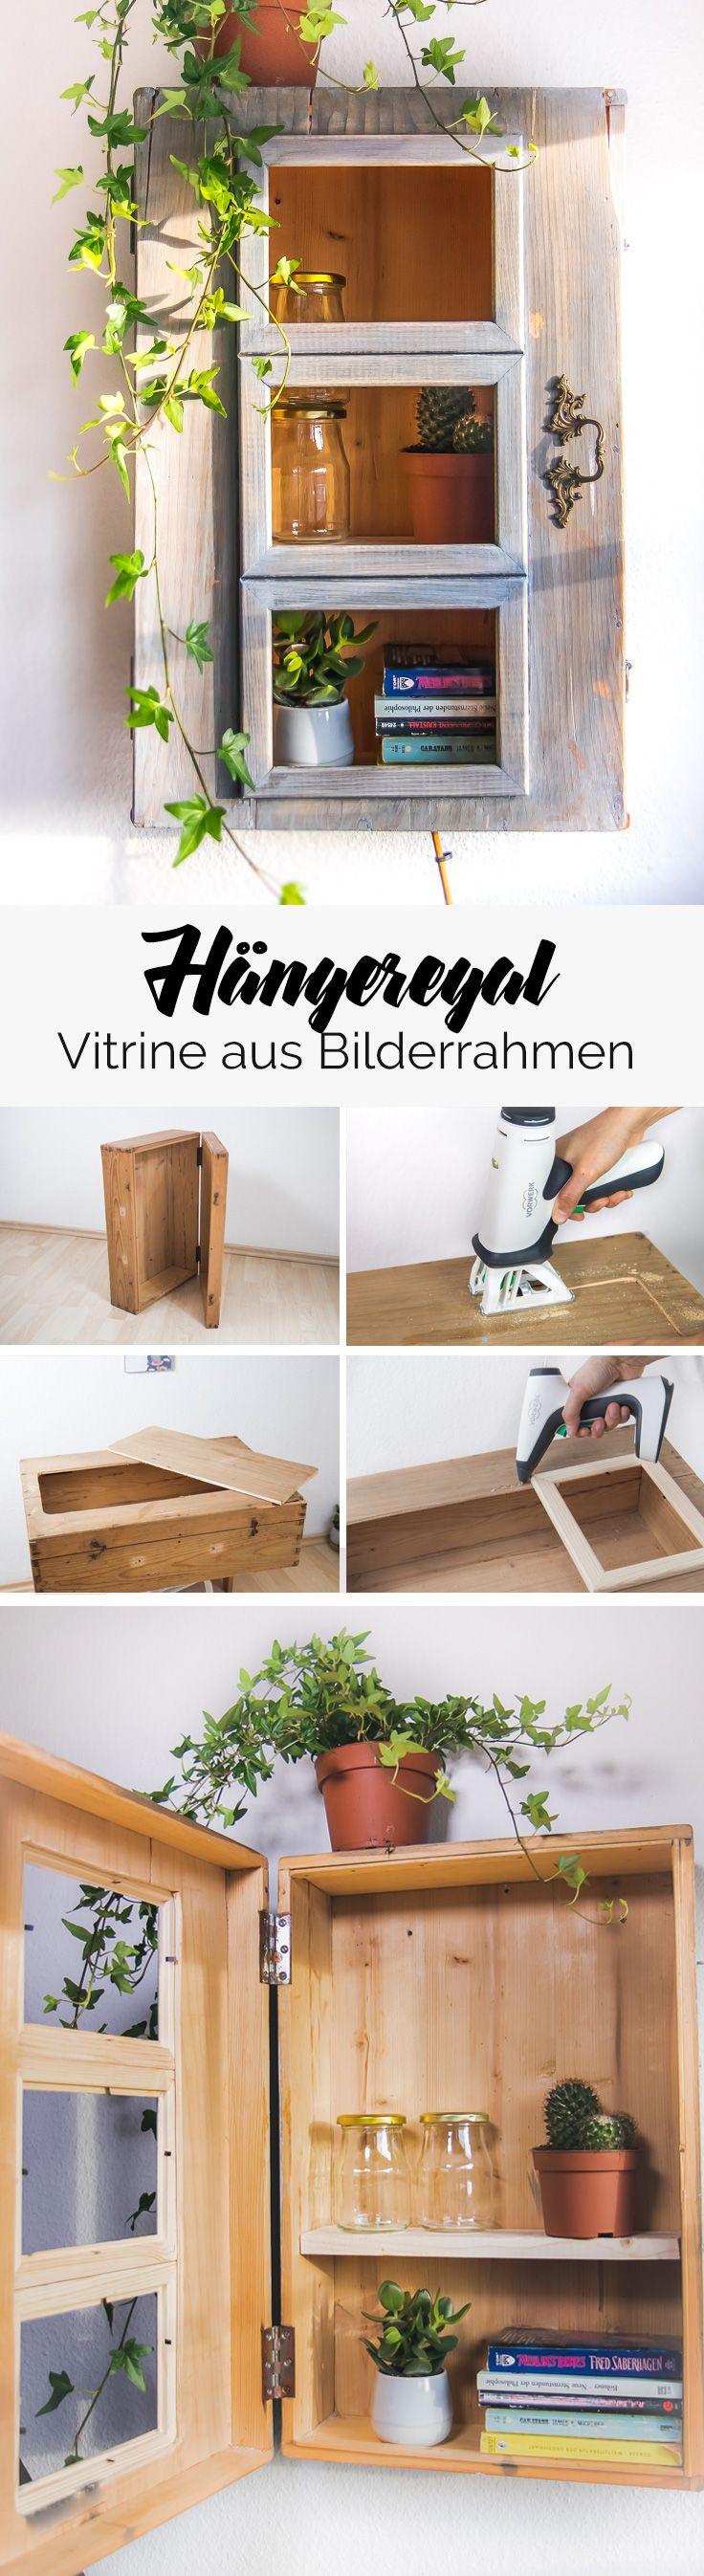 Hängeregal selber basteln aus einem alten Koffer und ein paar Ikea Bilderrahmen. Nicht nur aus einem alten Koffer sondern auch einem alten Schrank oder einer Kommode lassen sich tolle DIY Möbel gestalten.